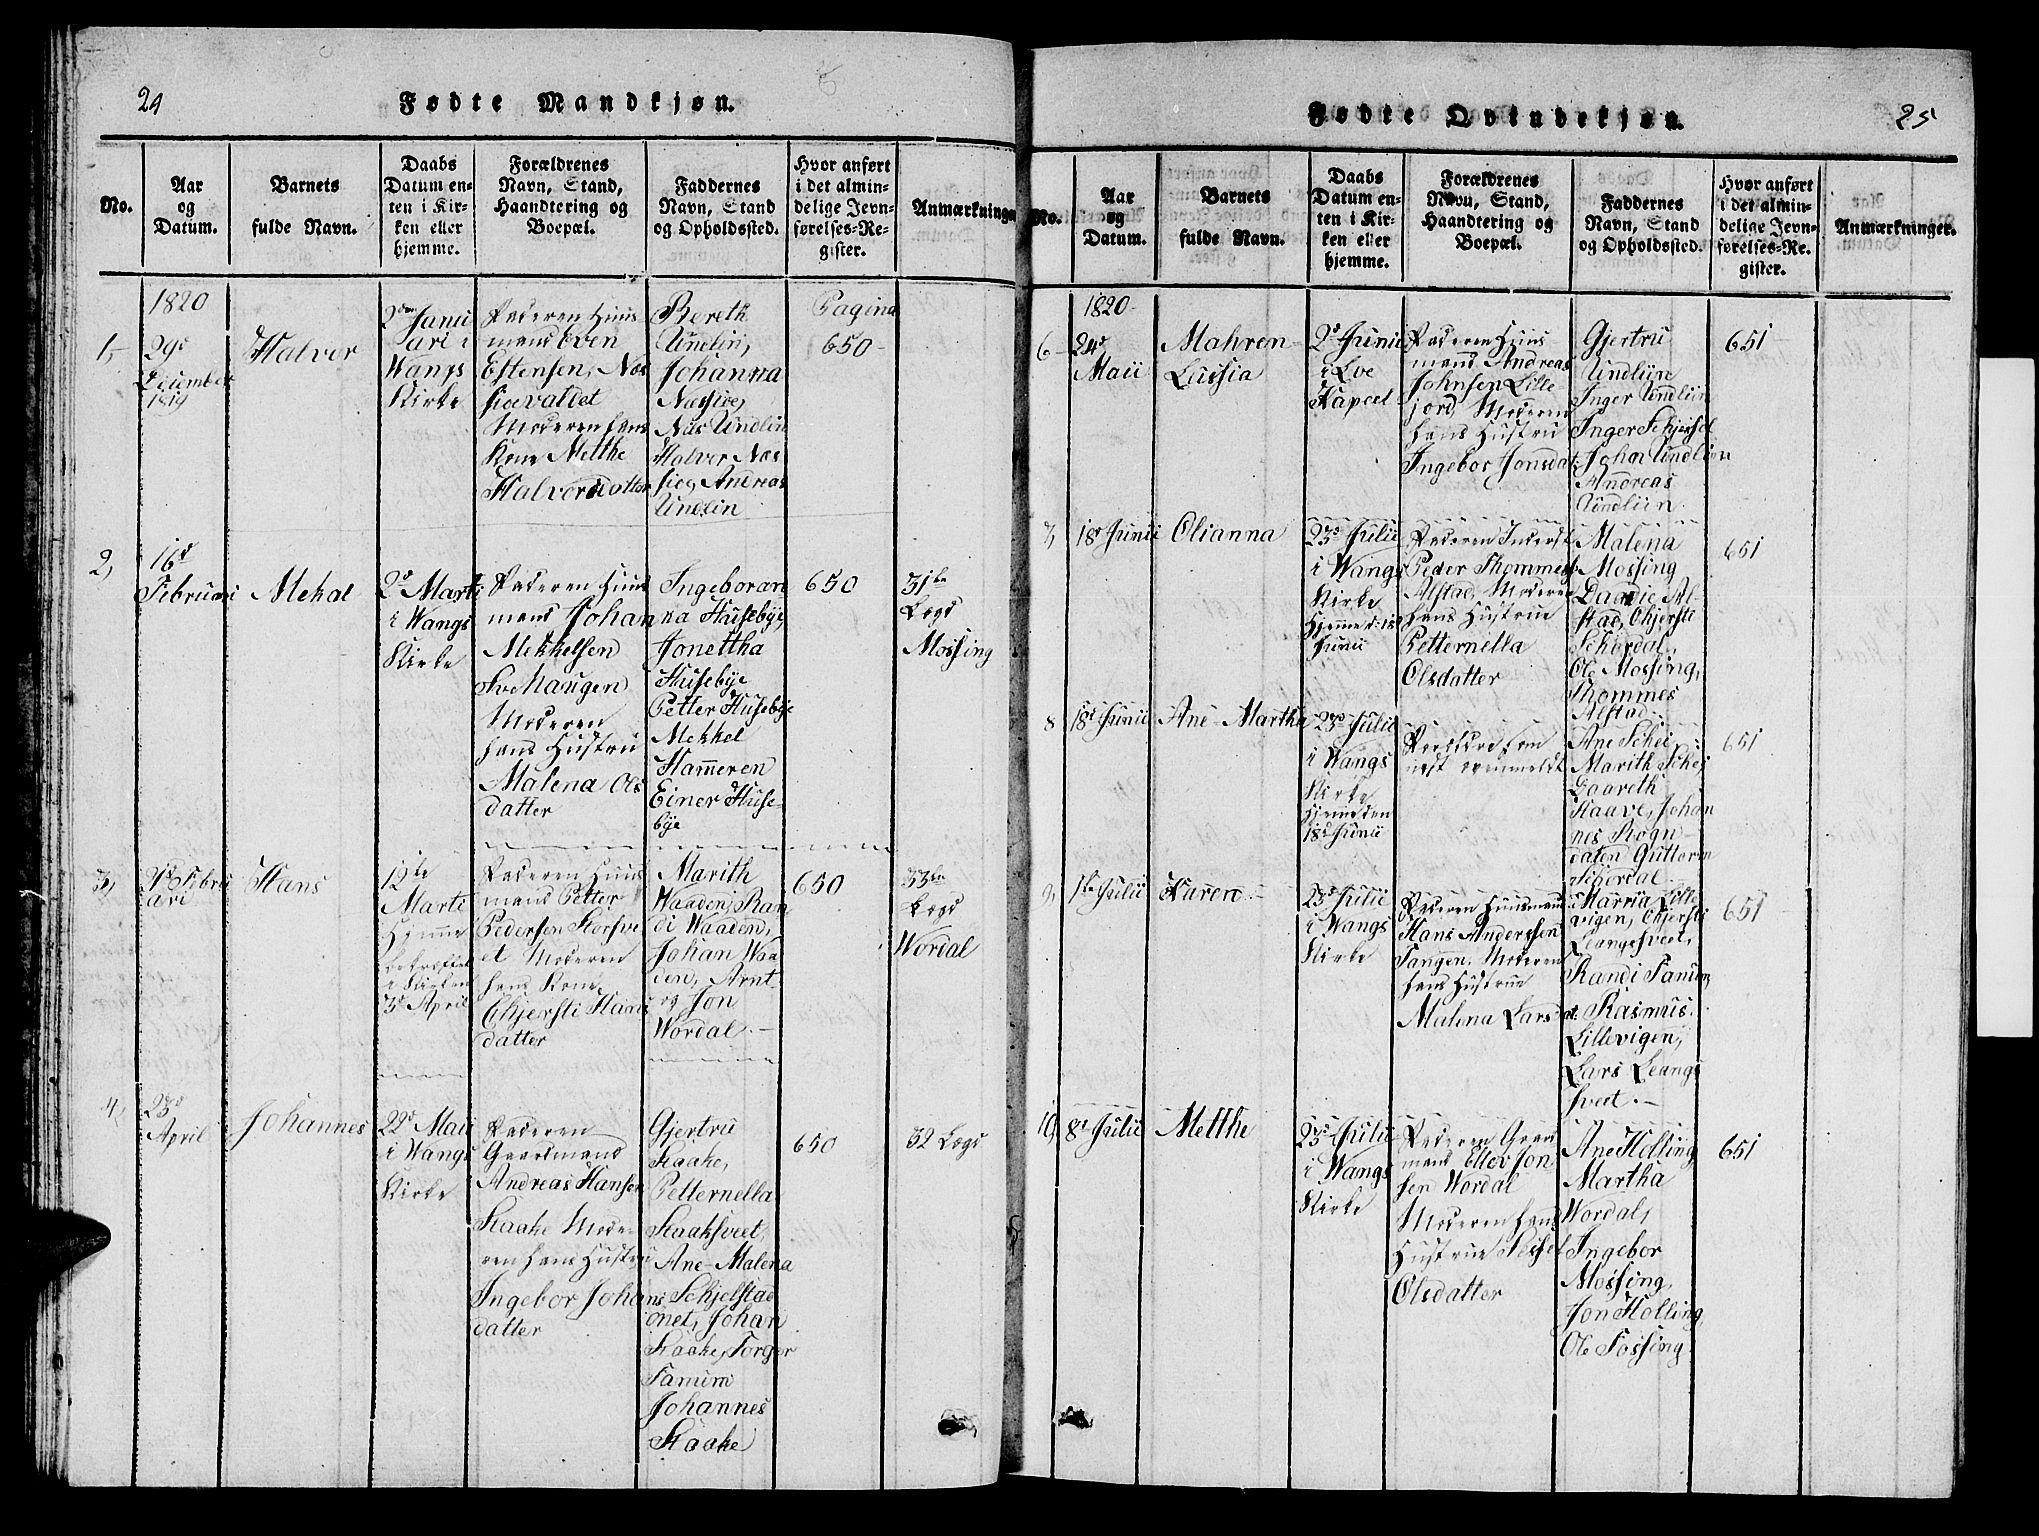 SAT, Ministerialprotokoller, klokkerbøker og fødselsregistre - Nord-Trøndelag, 714/L0132: Klokkerbok nr. 714C01, 1817-1824, s. 24-25